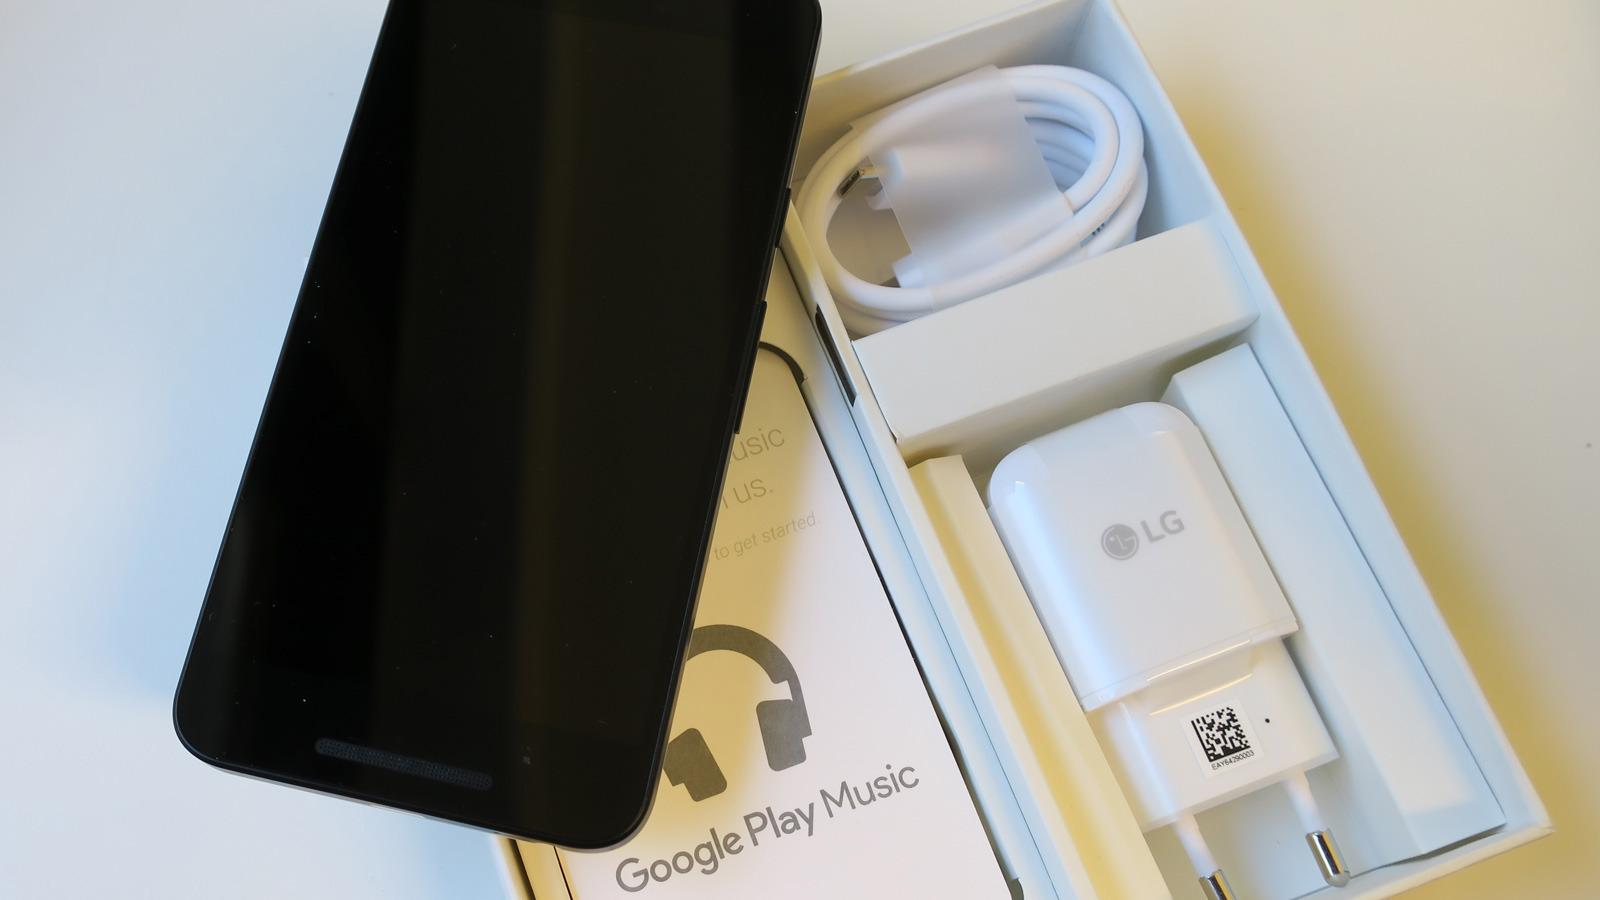 I esken finner du telefonen, en lader med USB Type-C, og en kabel med Type C-plugg i begge ender. Her finnes også litt papir, men ikke øreplugger eller noen adapter for USB Type-C til standard USB. Foto: Espen Irwing Swang, Tek.no